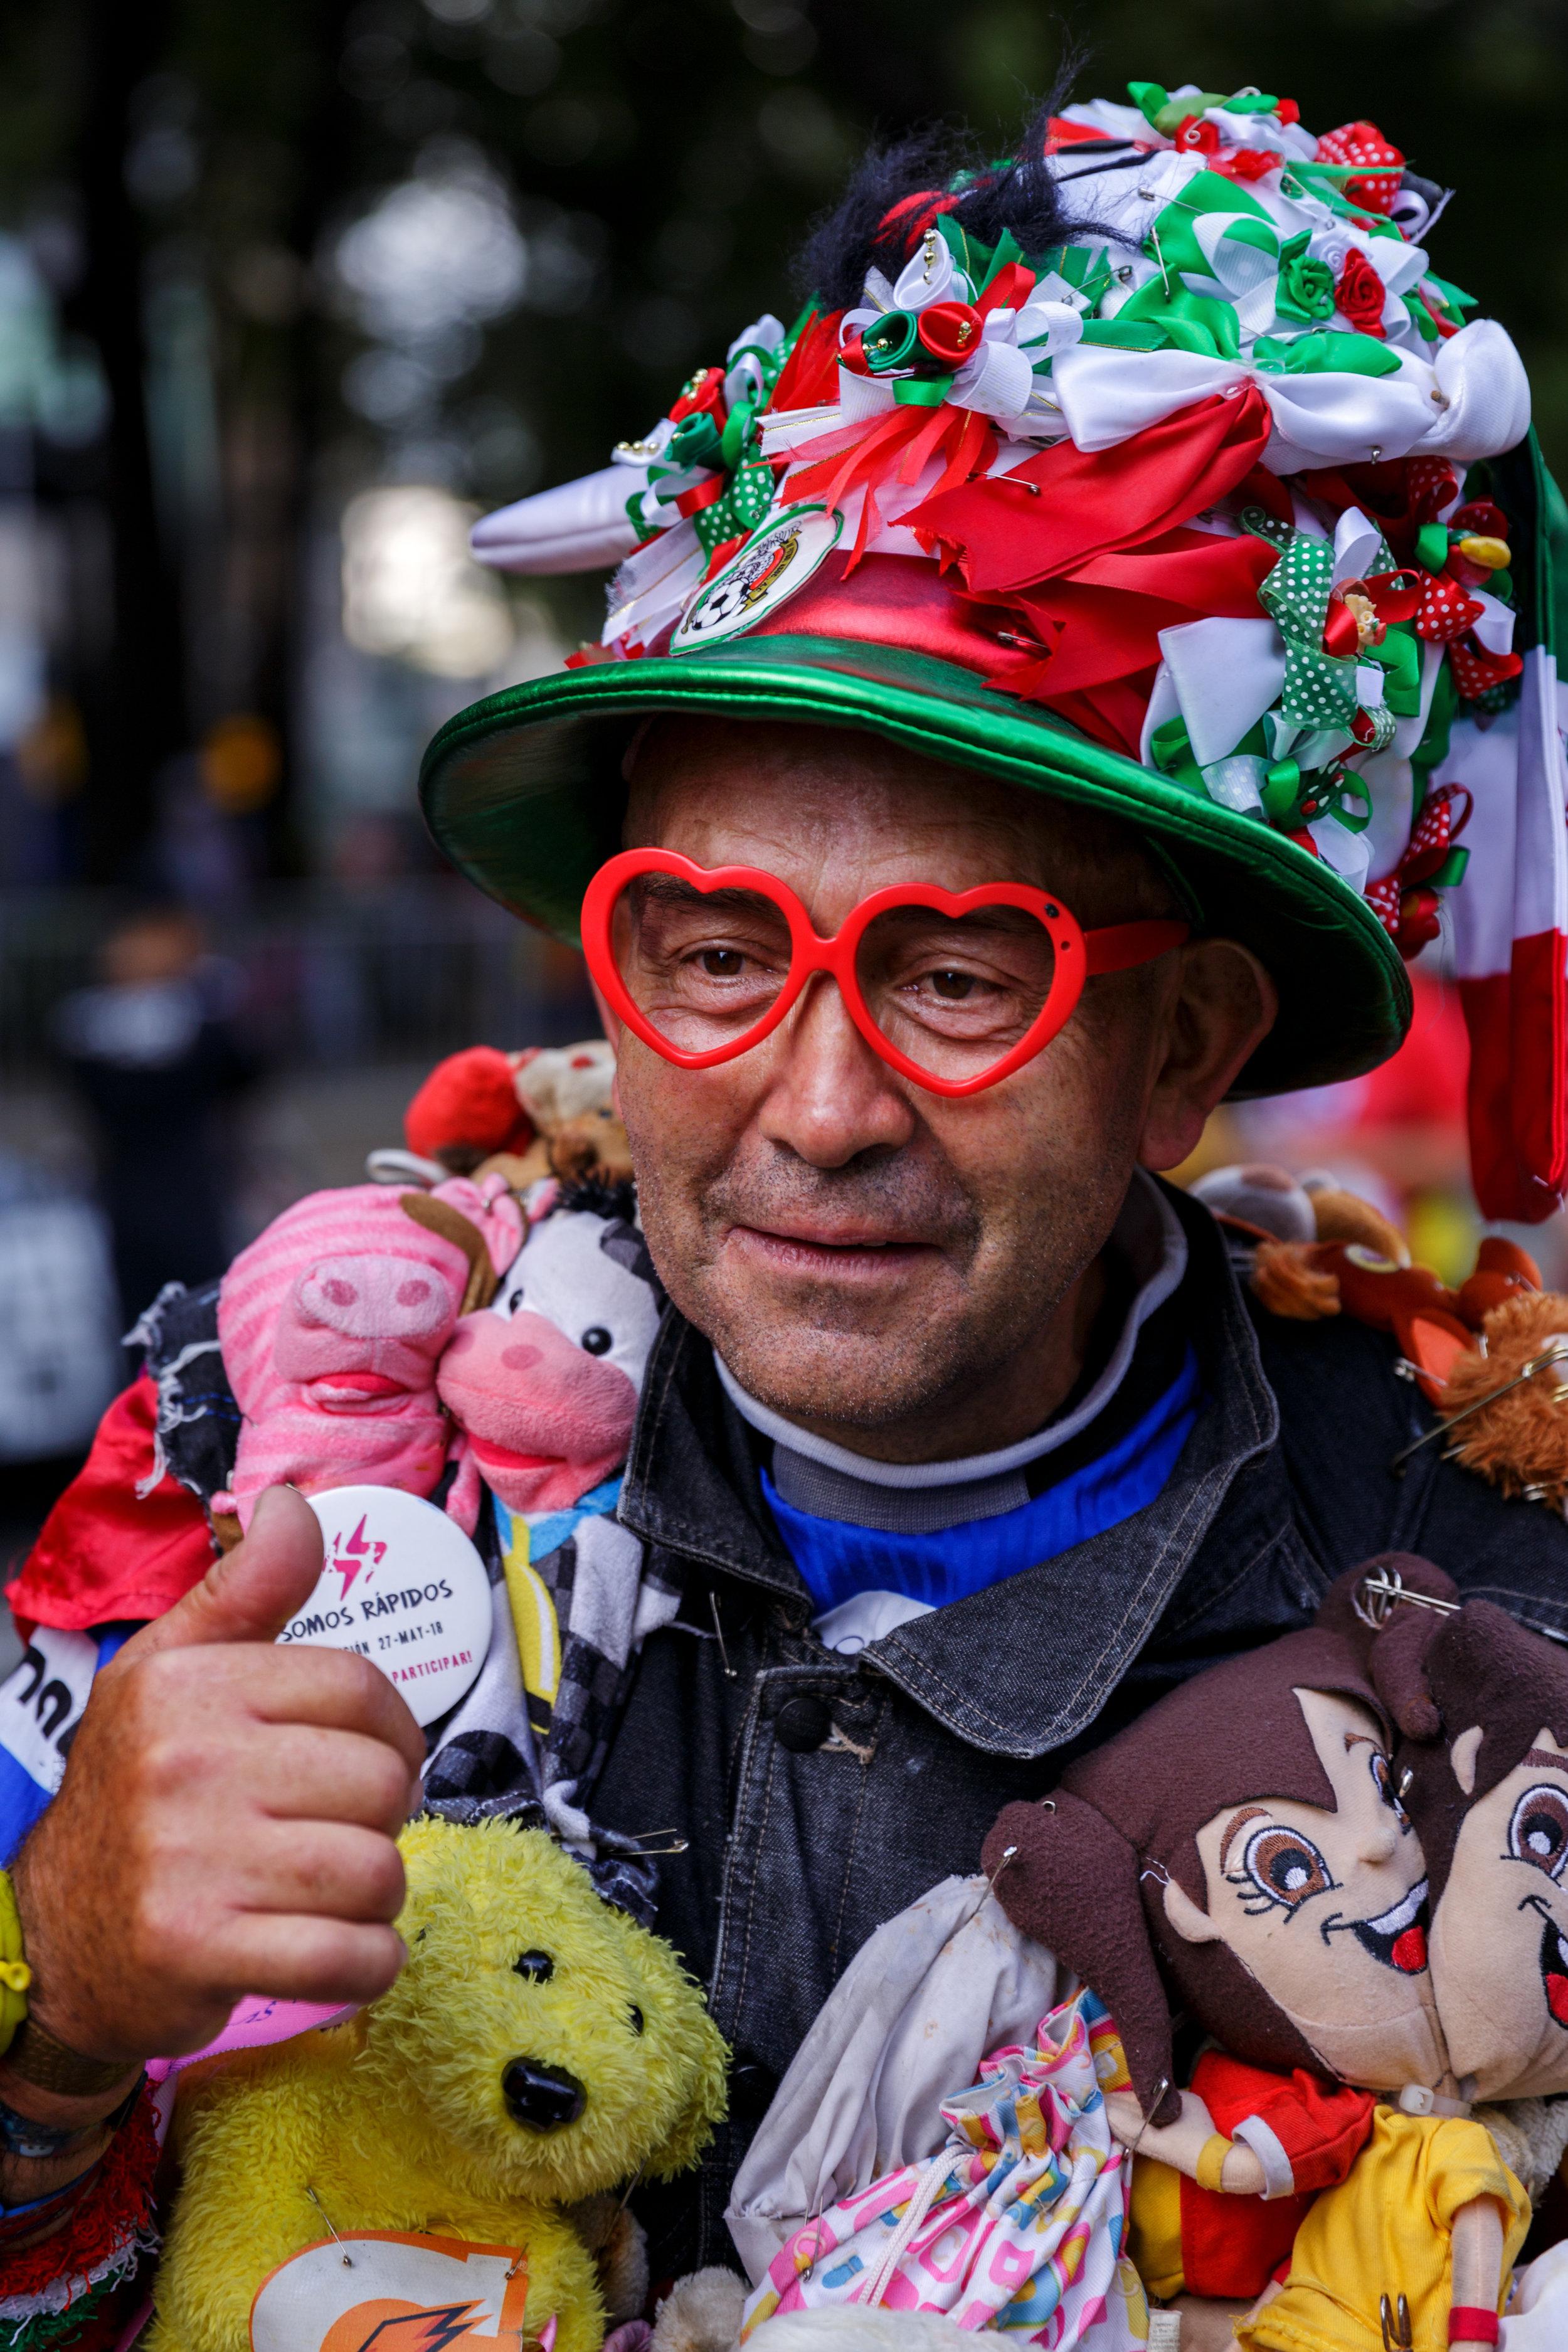 """Alejandro Ruiz usa un traje de 44 libras hecho de animales de peluche para inspirar a otros a correr.  Colaboración para The Culture Trip en el articulo """"Meet the 60-Year-Old from Mexico Who Runs Marathons Covered in Teddy Bears"""""""